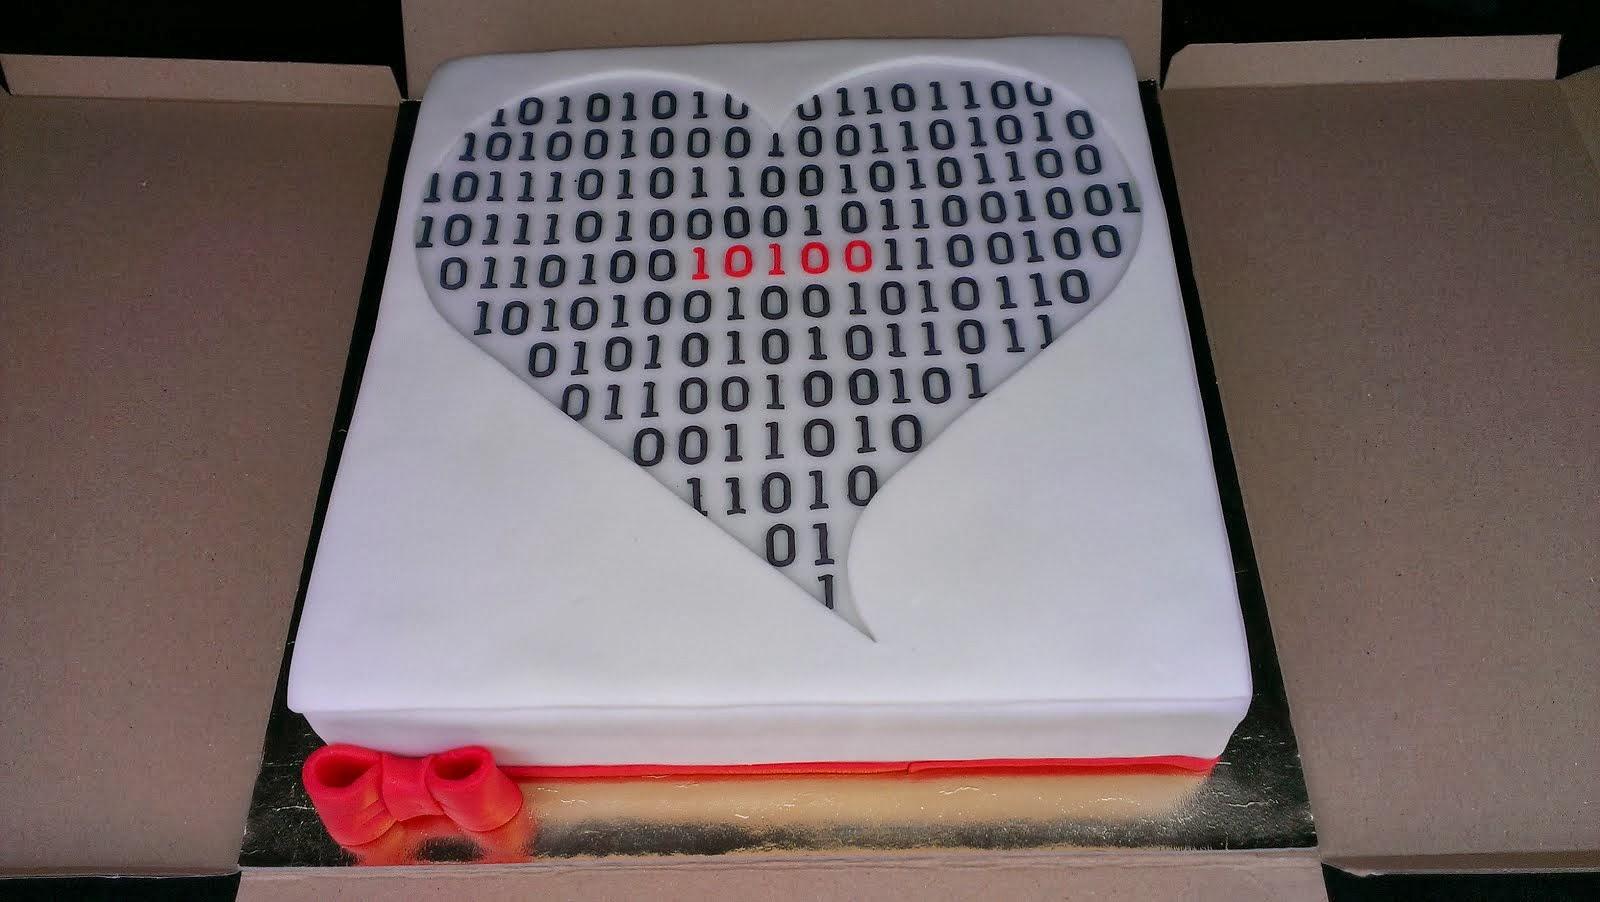 Torta s binárnym kódom